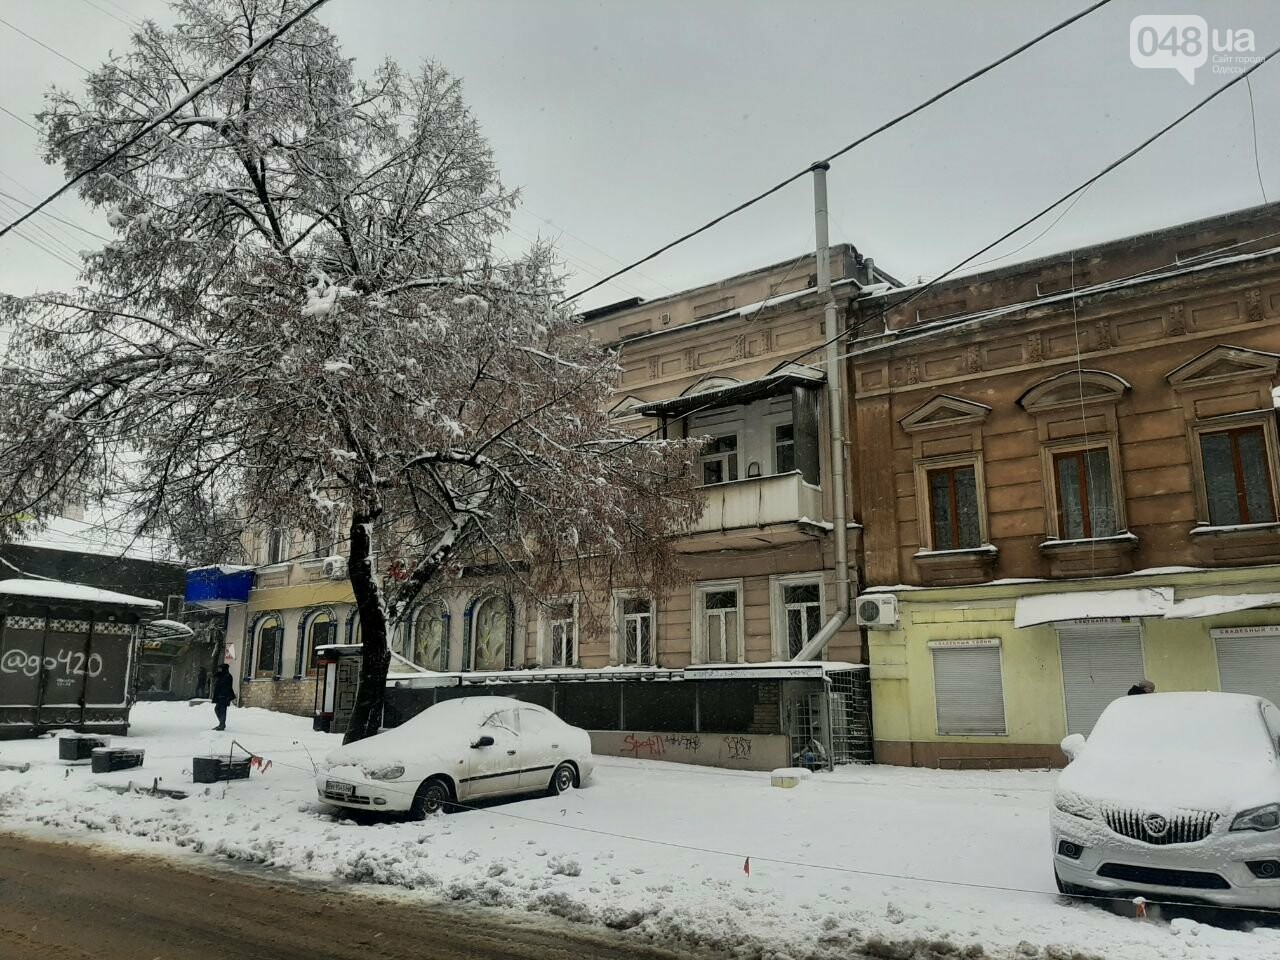 Последствия непогоды в Одессе, - ФОТОРЕПОРТАЖ, фото-1414